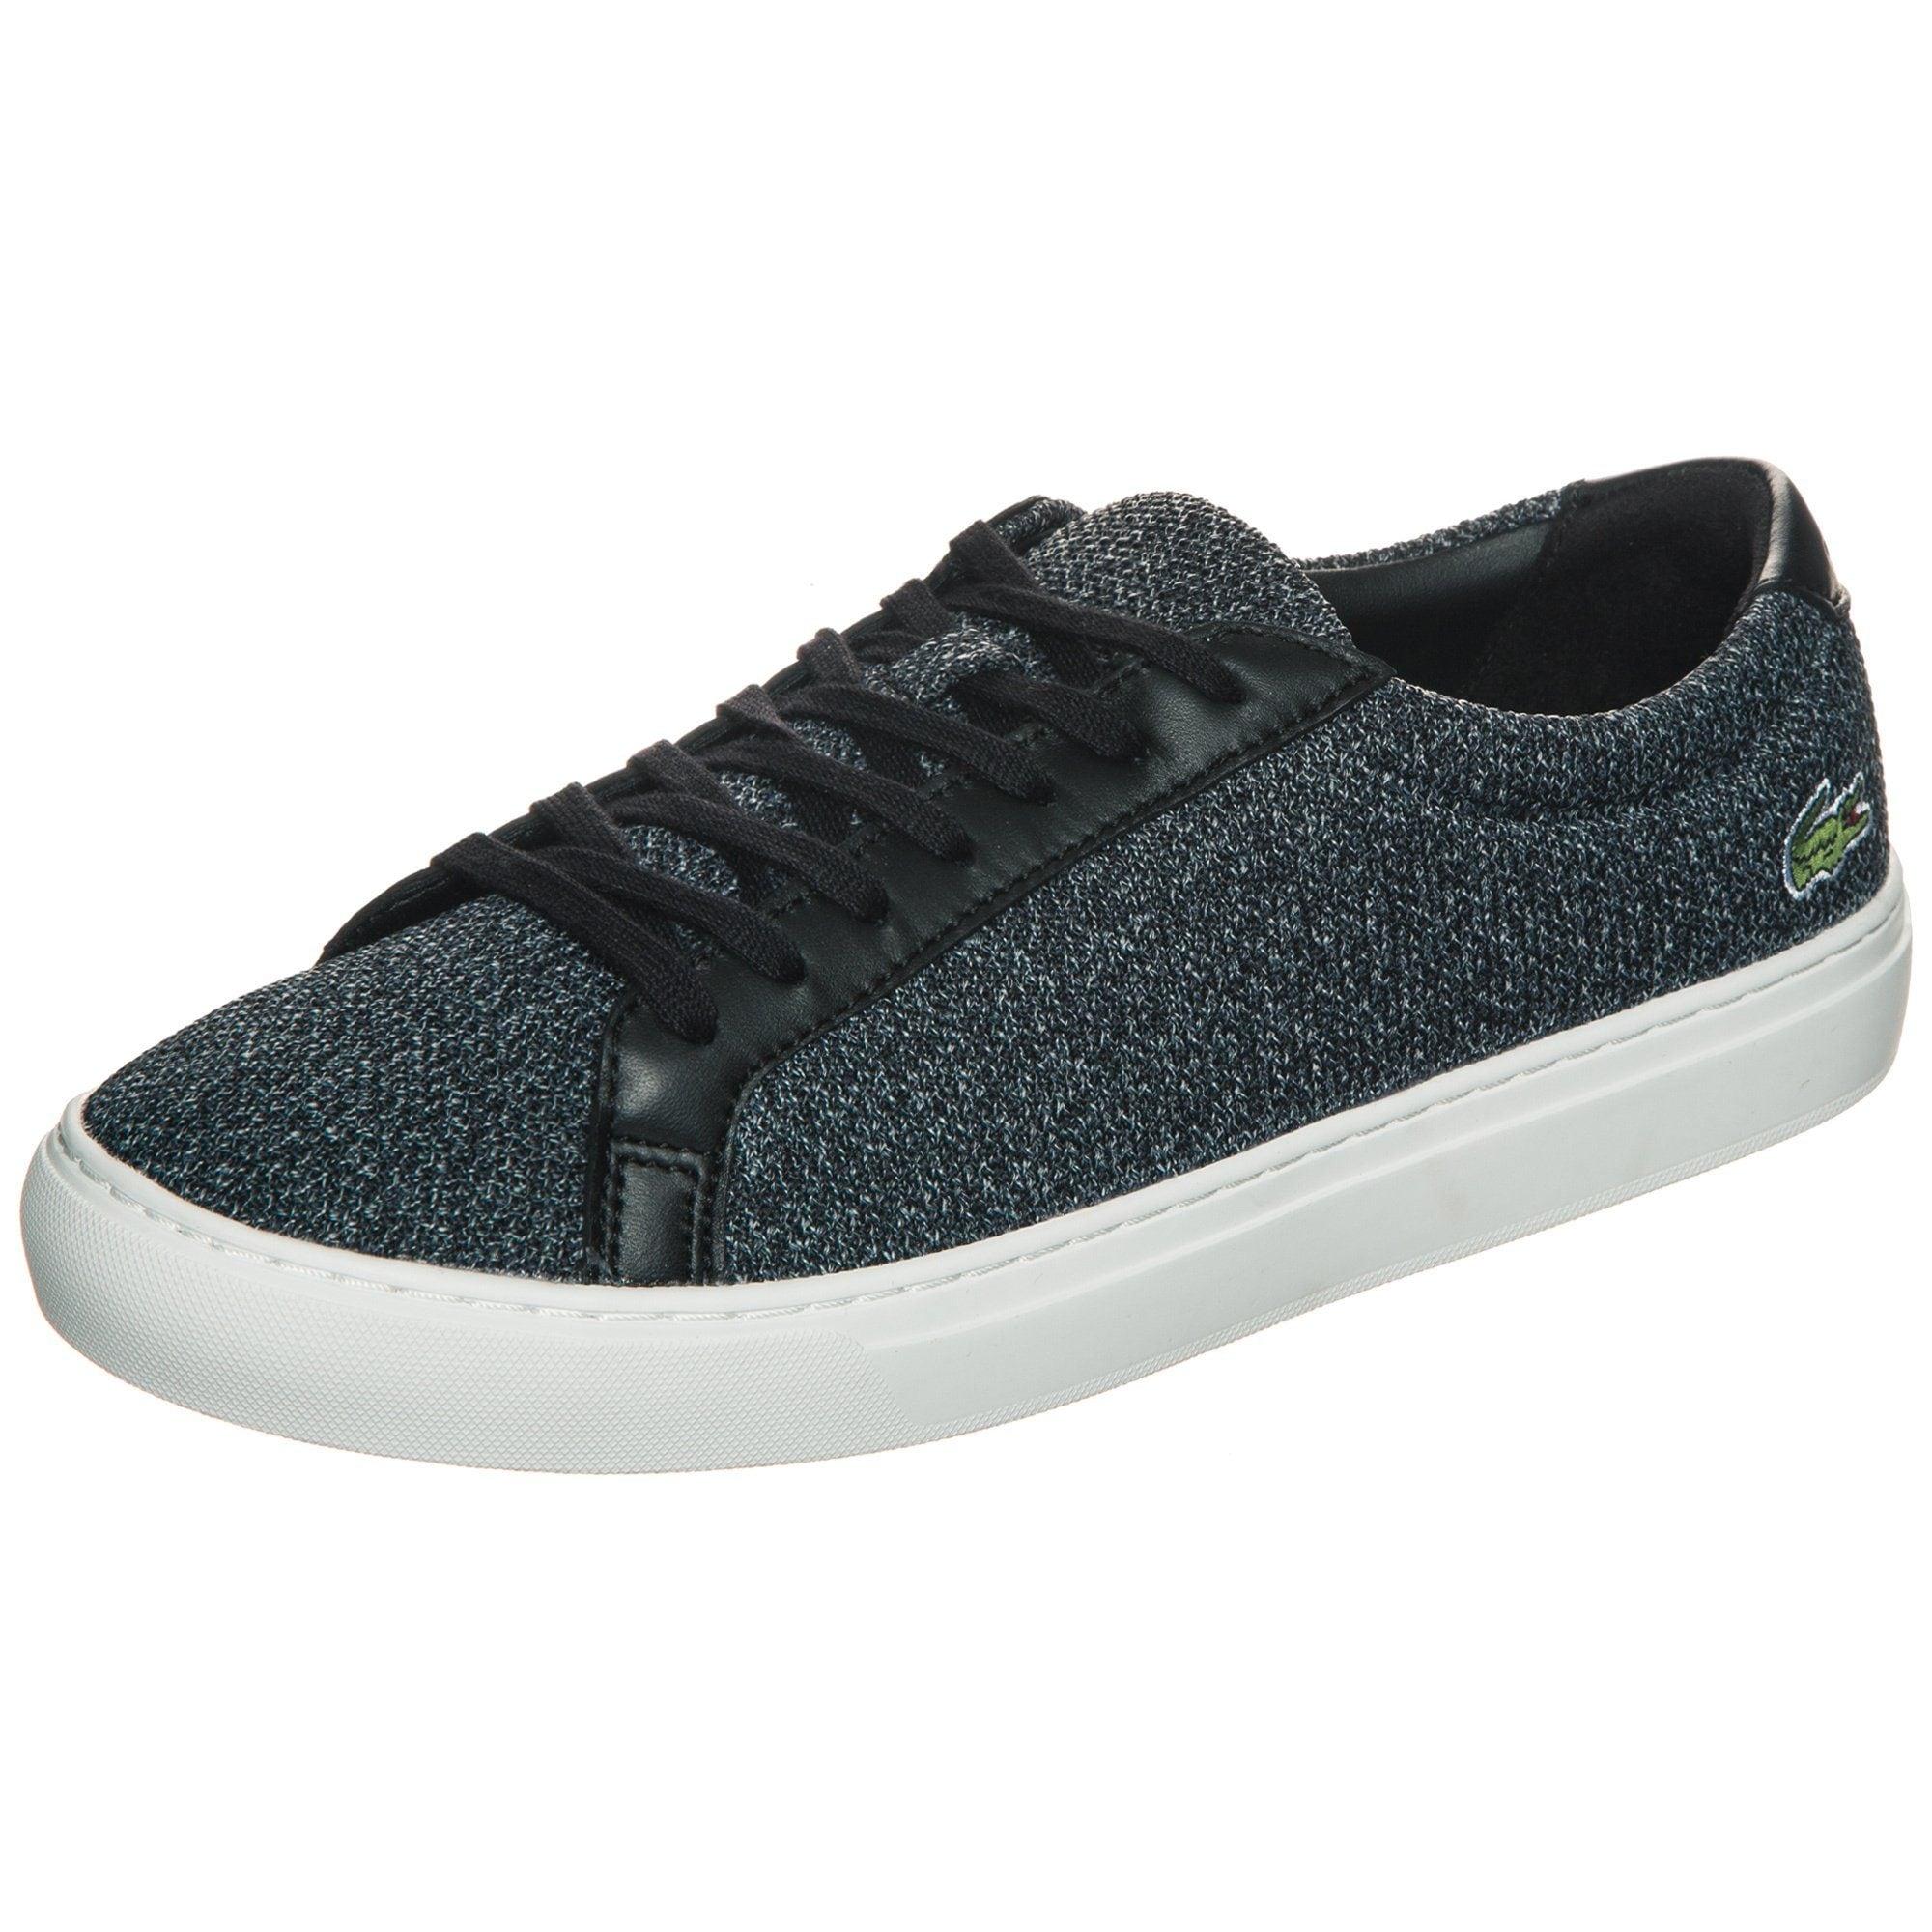 Lacoste Sneaker L.12.12 kaufen | | | Gutes Preis-Leistungs-Verhältnis, es lohnt sich 687054